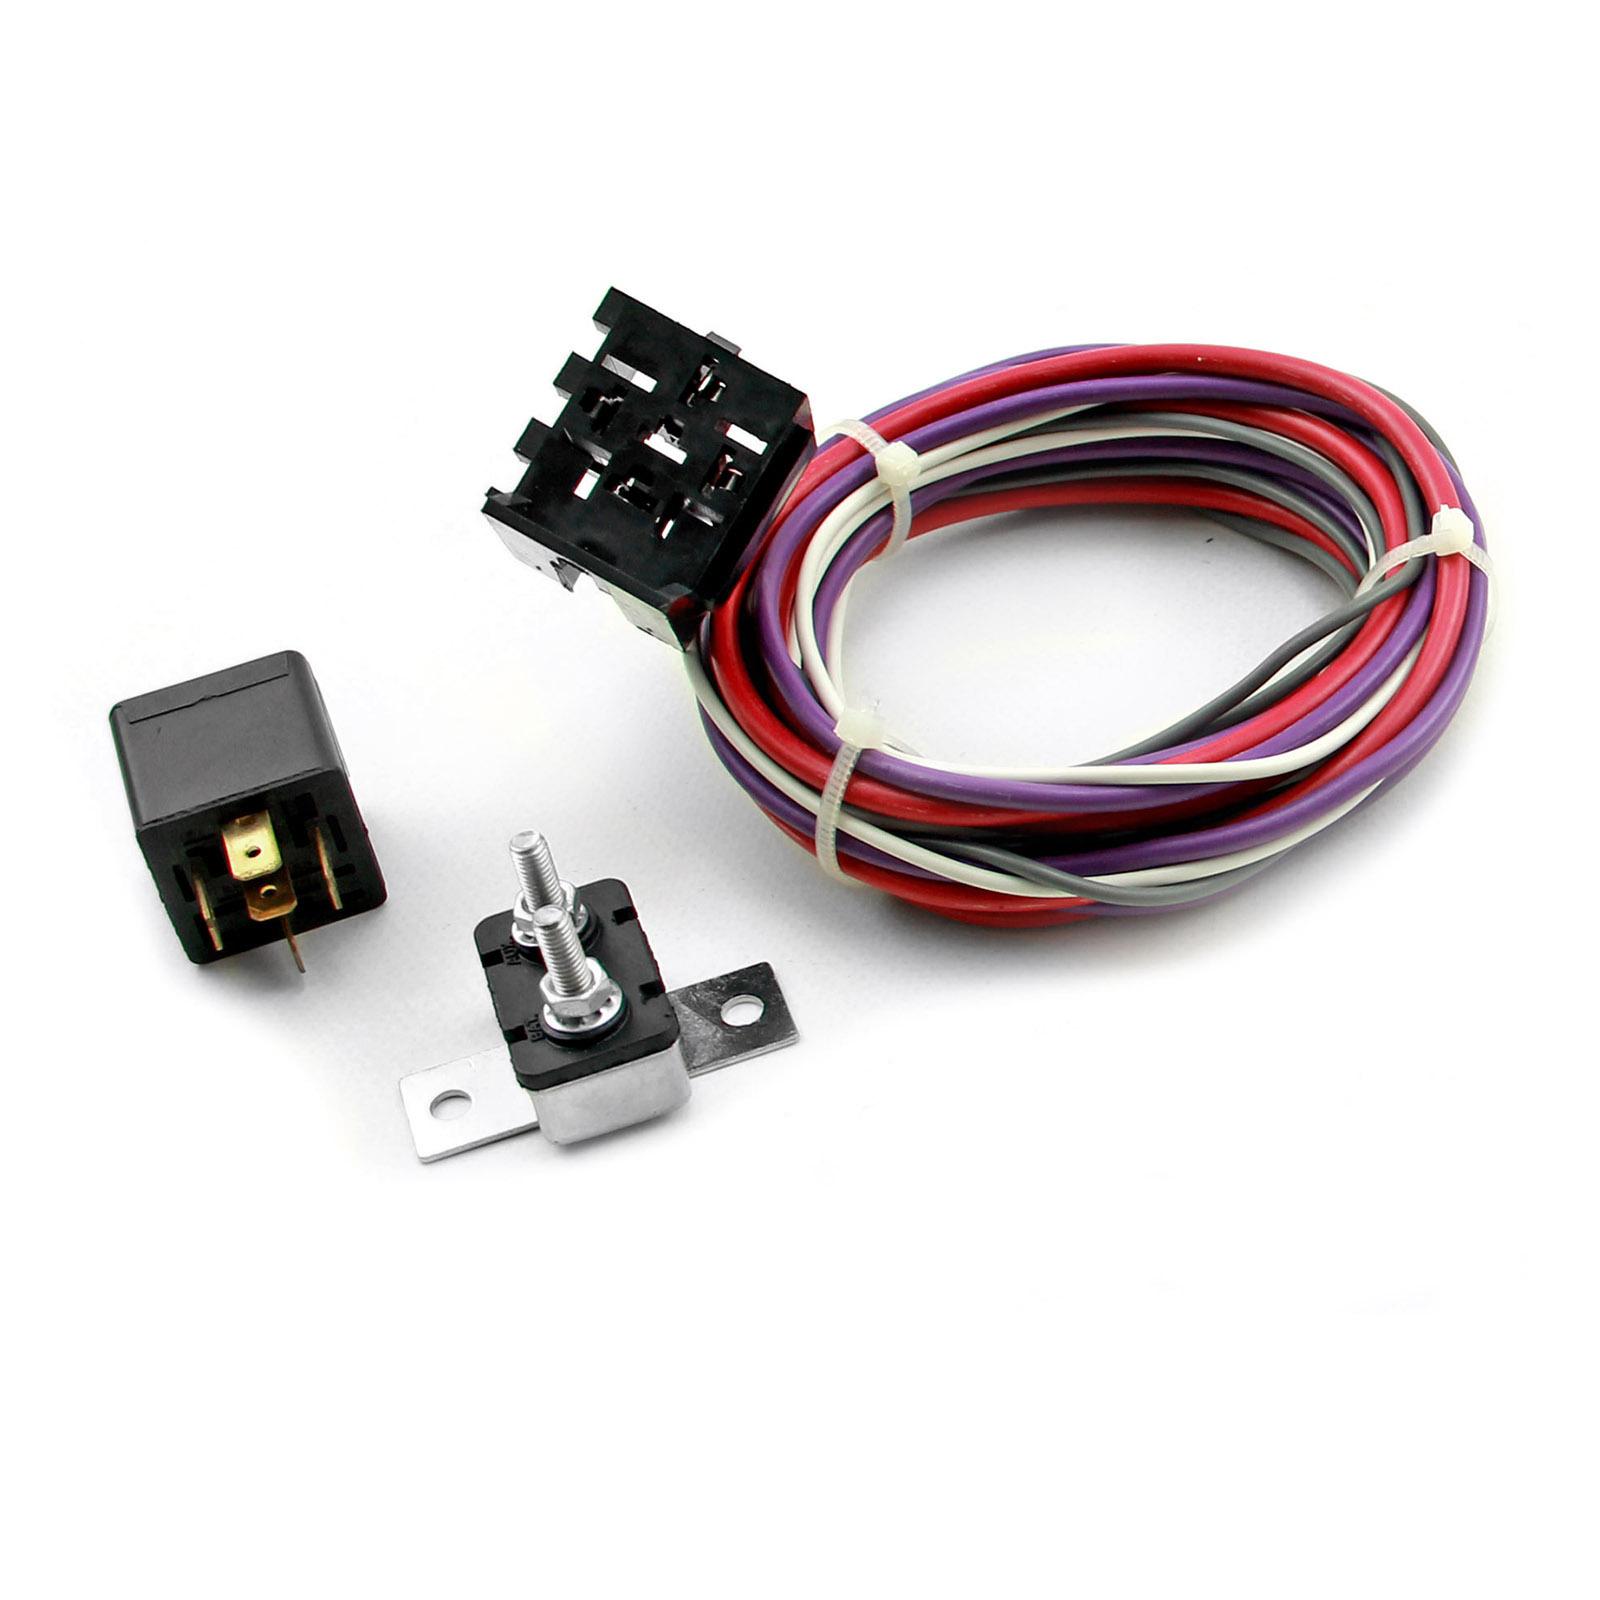 Electric Fan Wiring Harness Kit w/ Relay